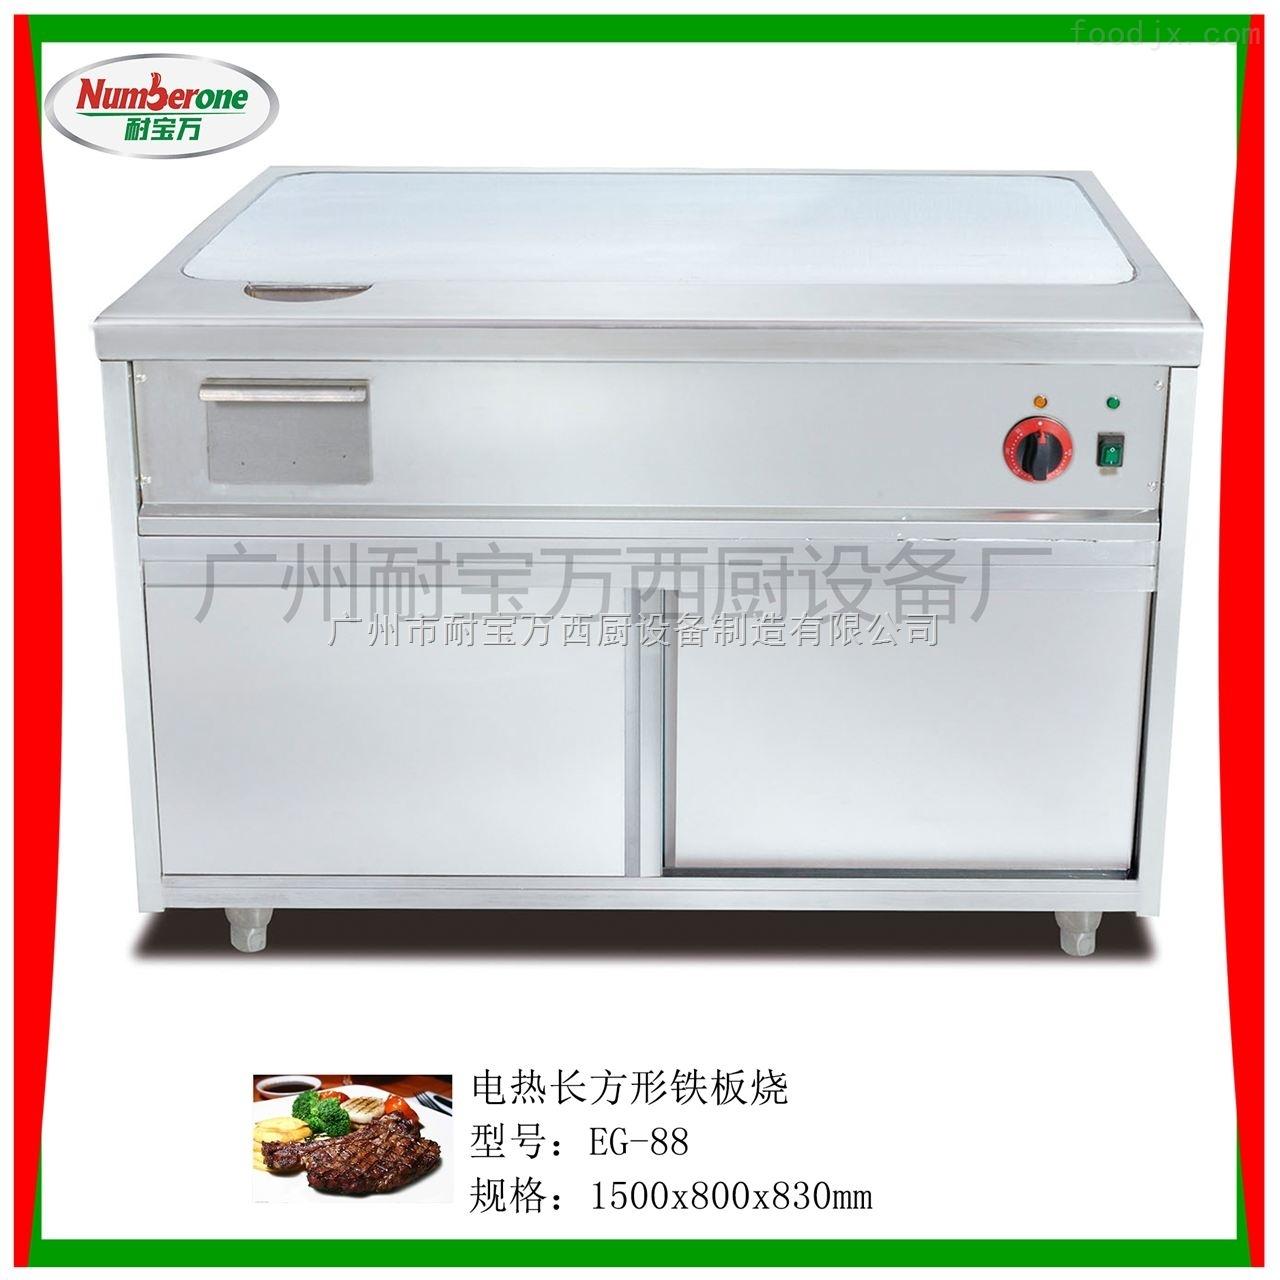 立式电平扒炉(铁板烧)/手抓饼